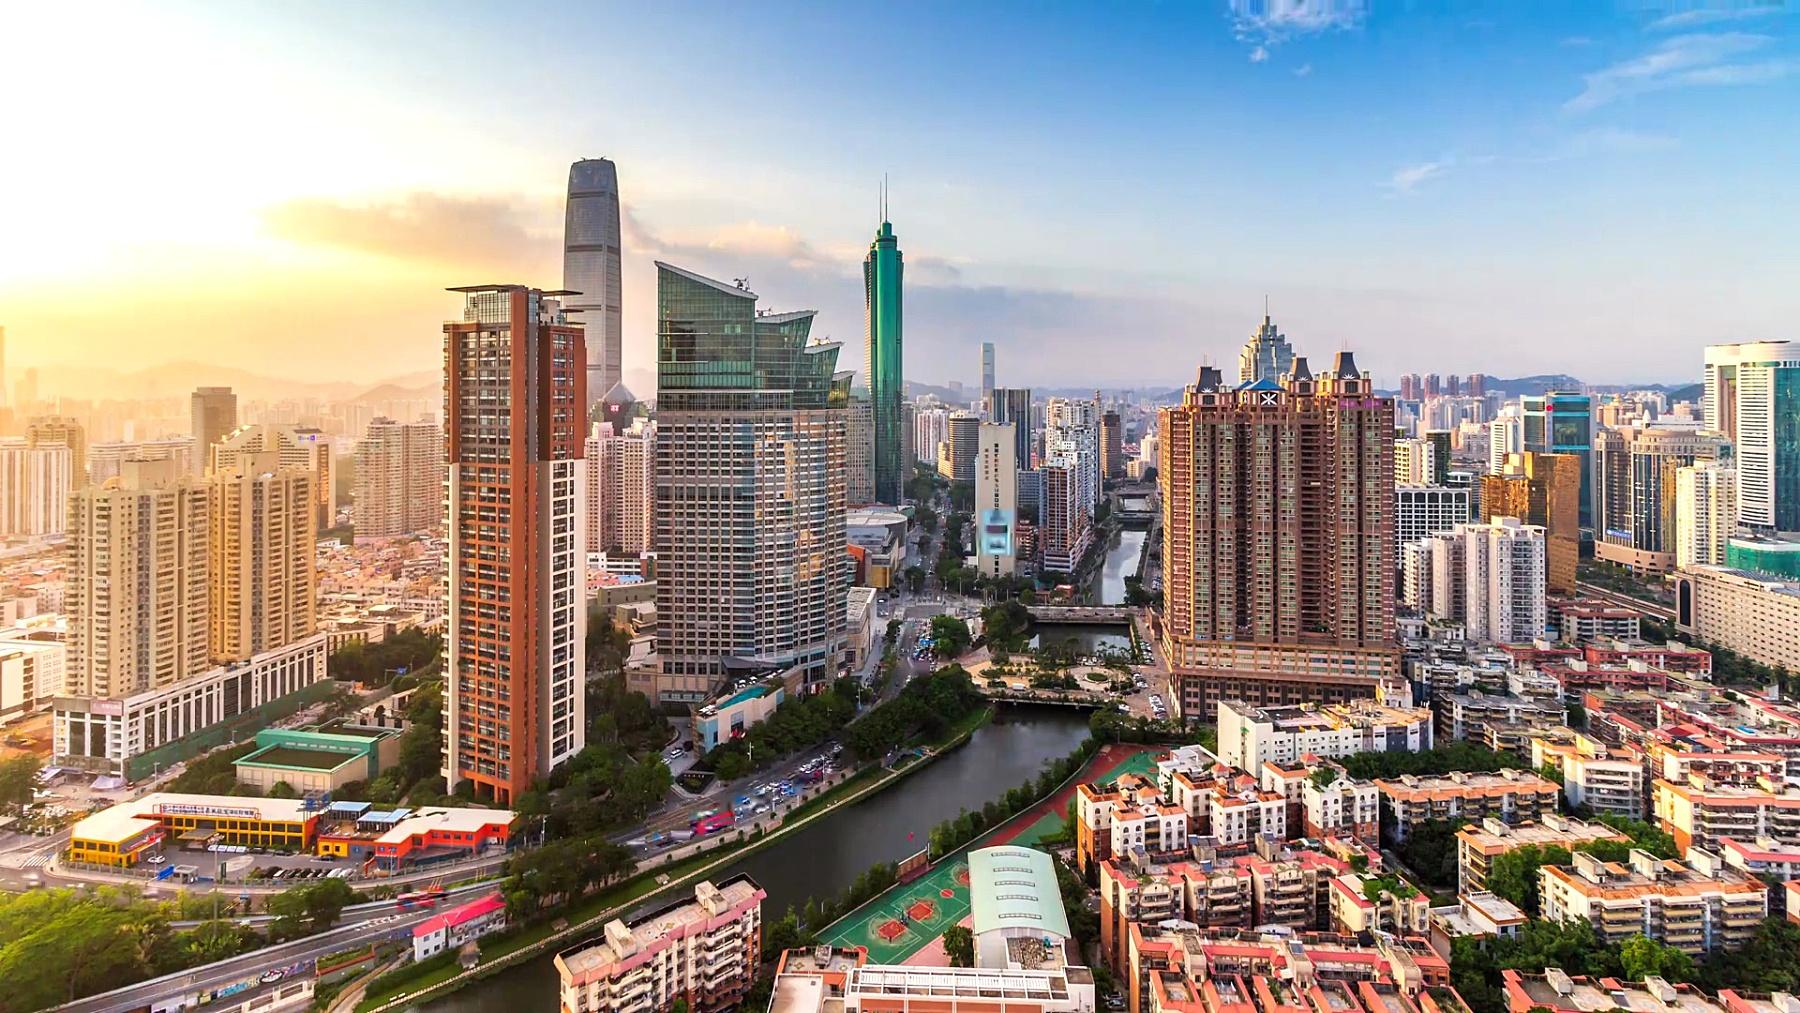 深圳金融中心天际线,延时摄影/深圳,中国